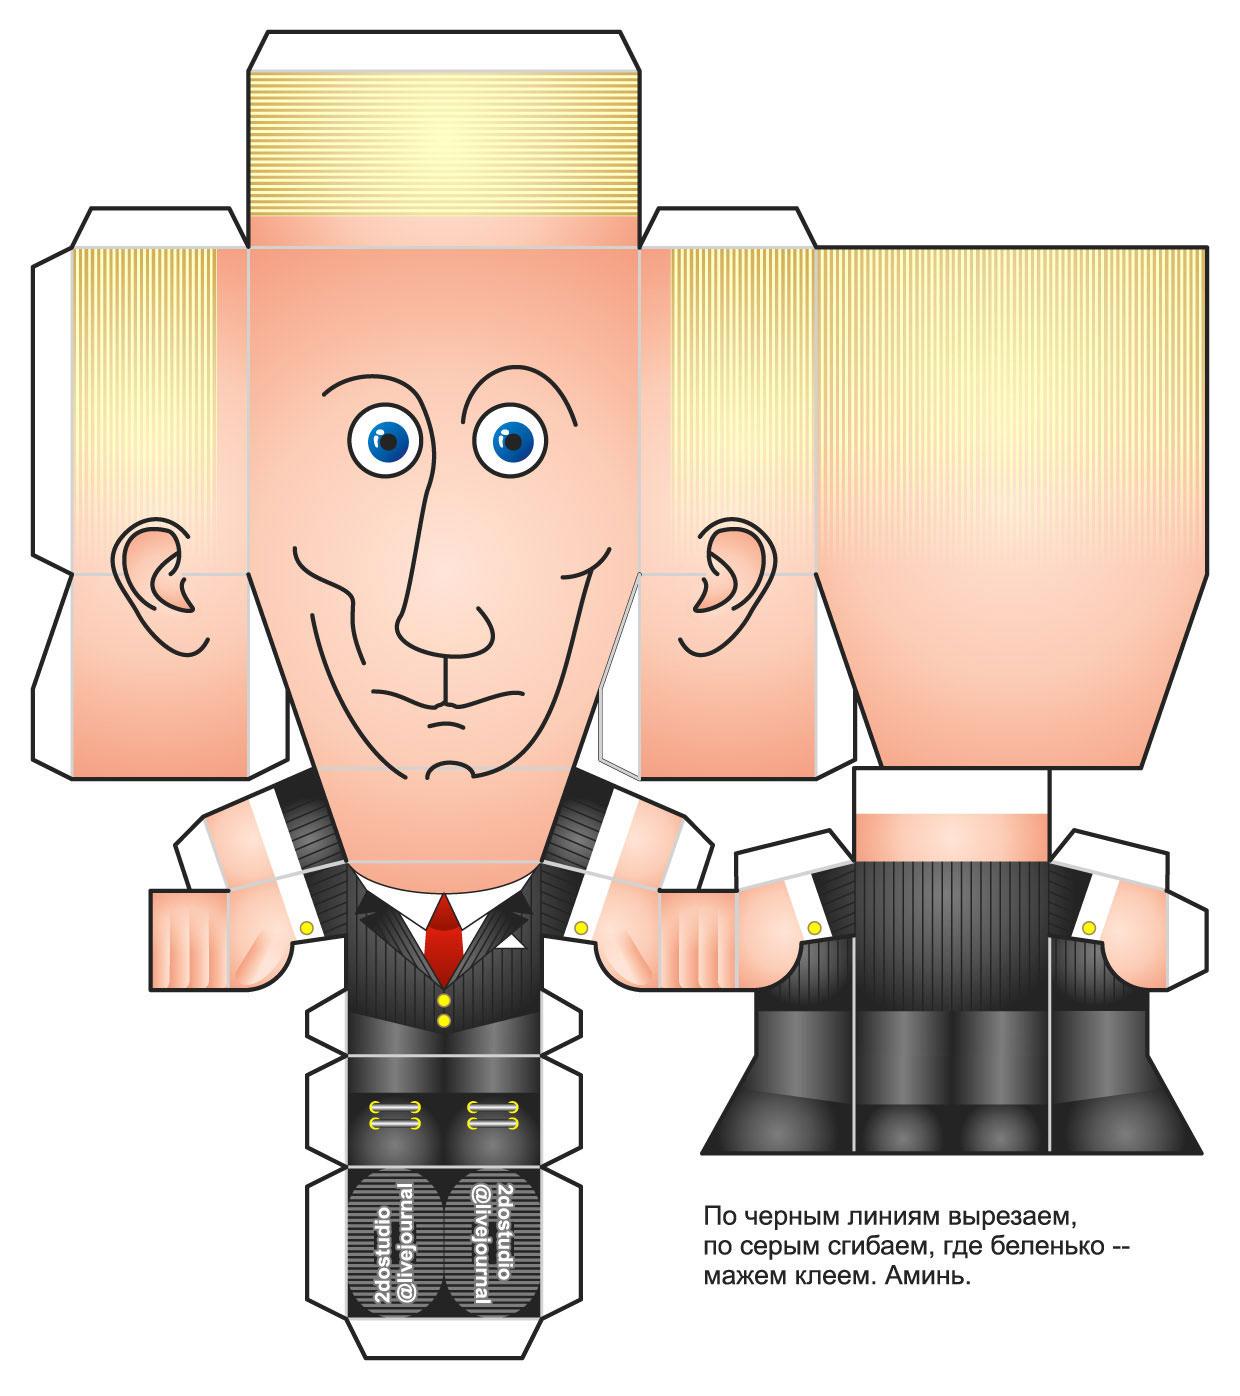 Хотите своего собственного Путина.  Распечатываем картинку и склеиваем.